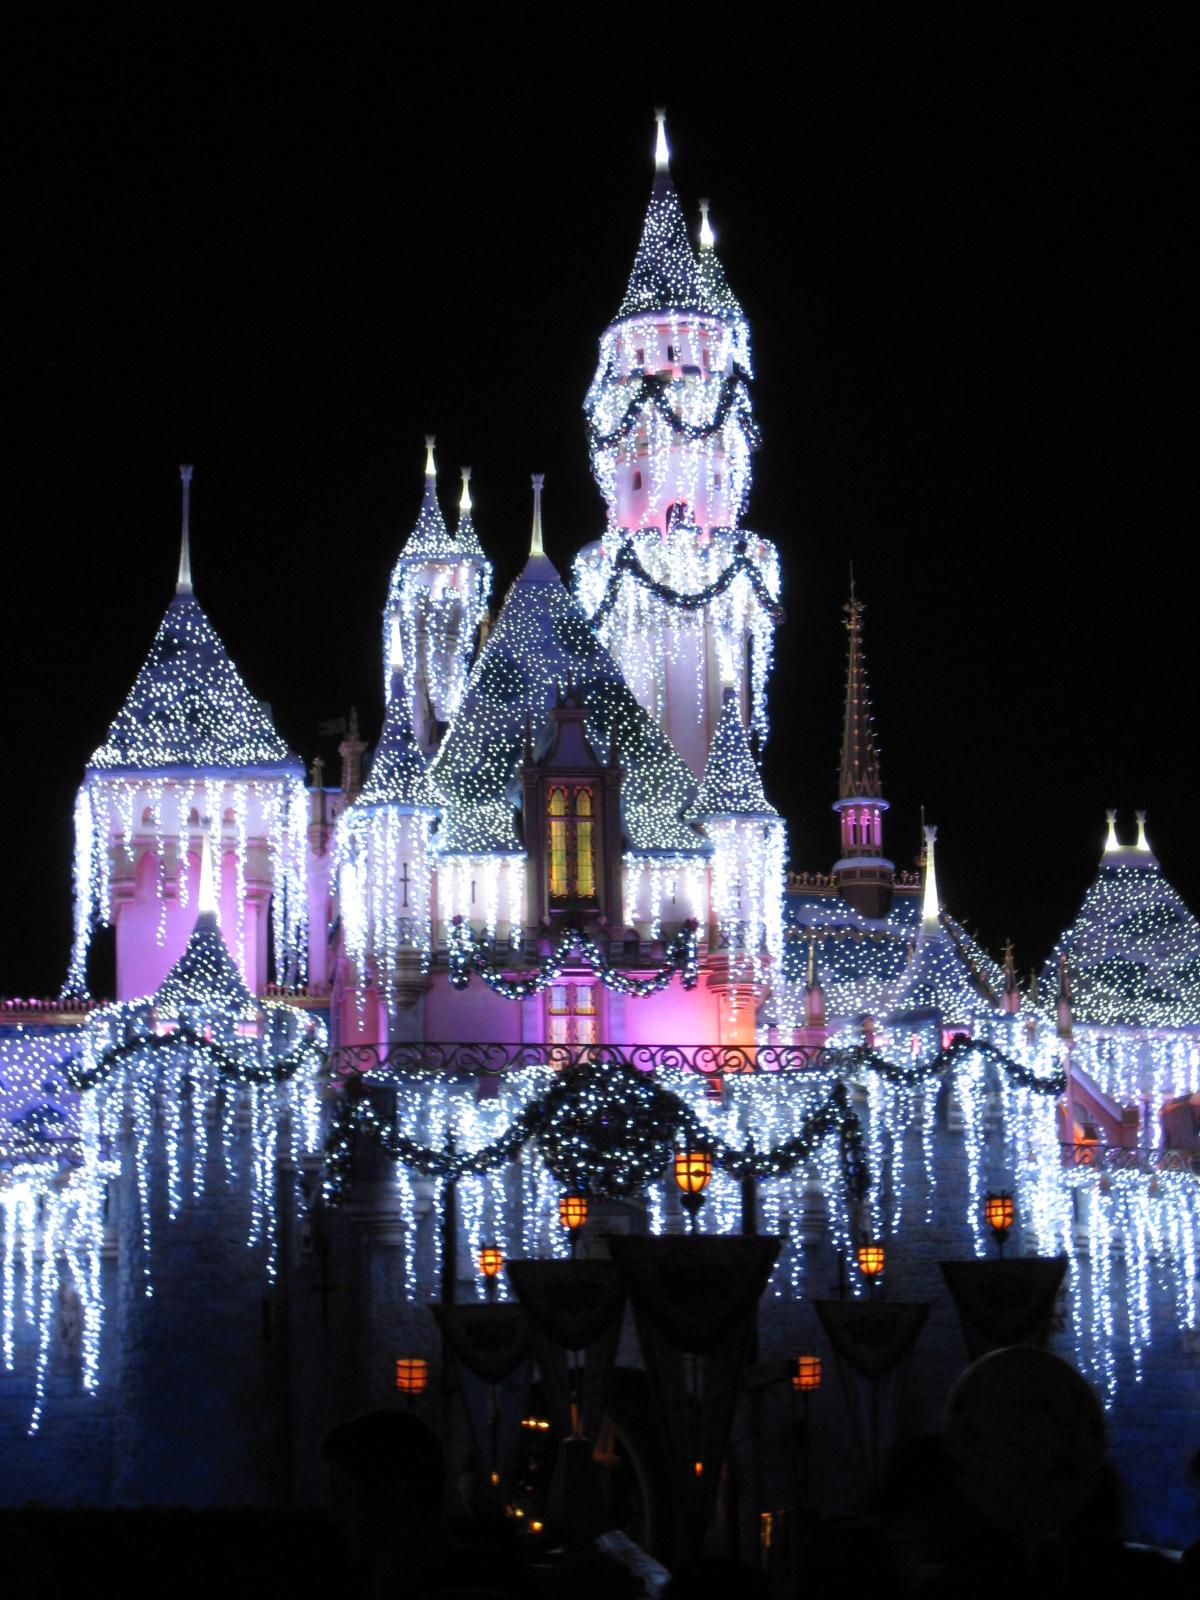 Christmas Disney, Disney Castle, Icicle castle, Christmas castle